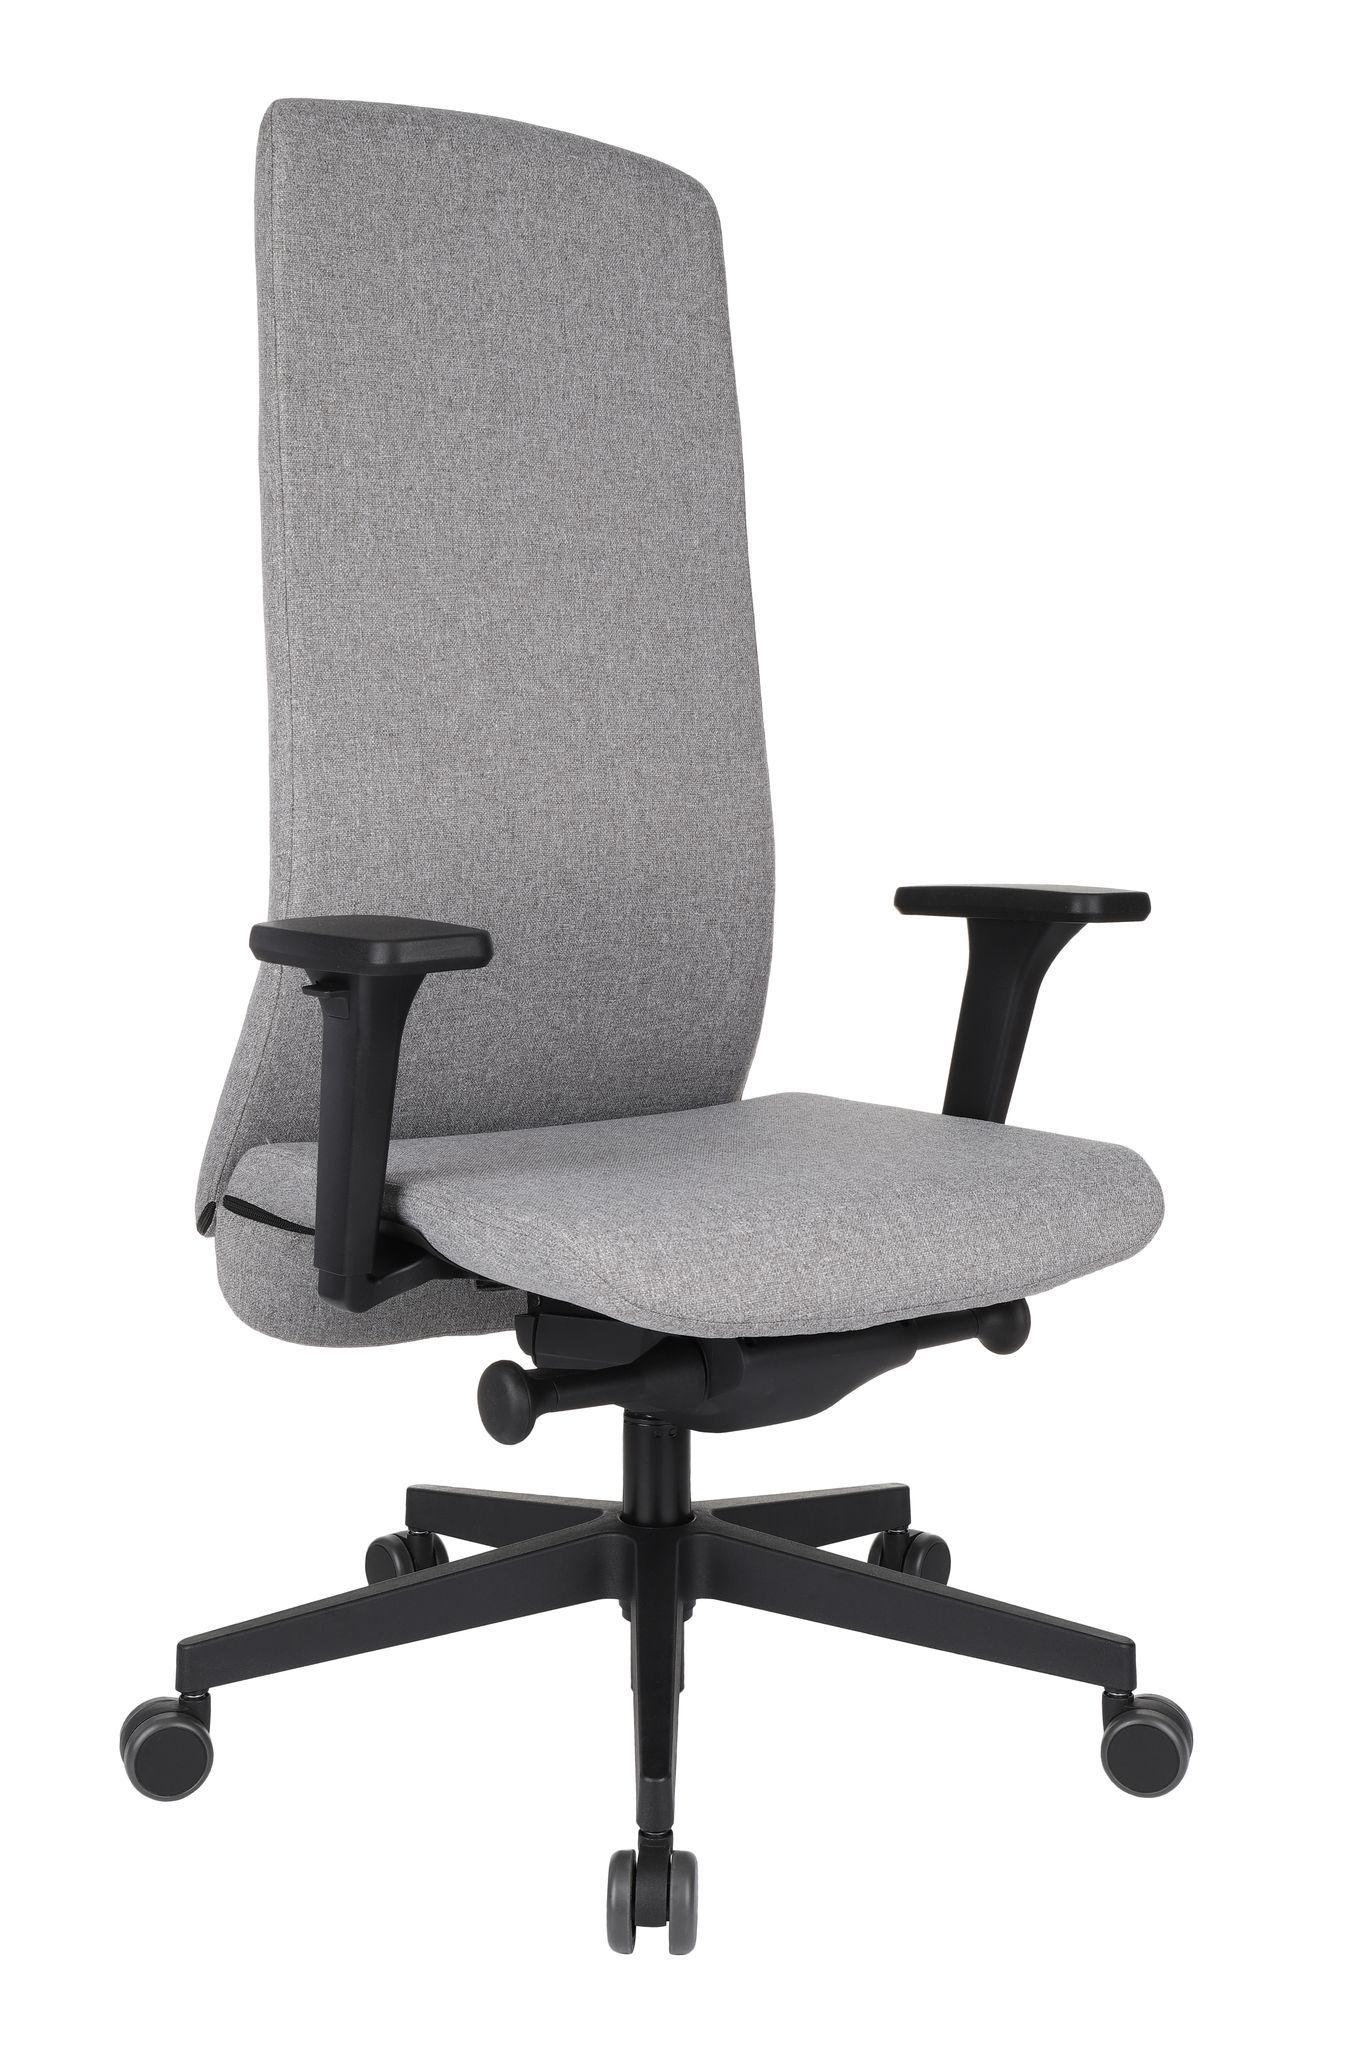 krzesło biurowe MOON